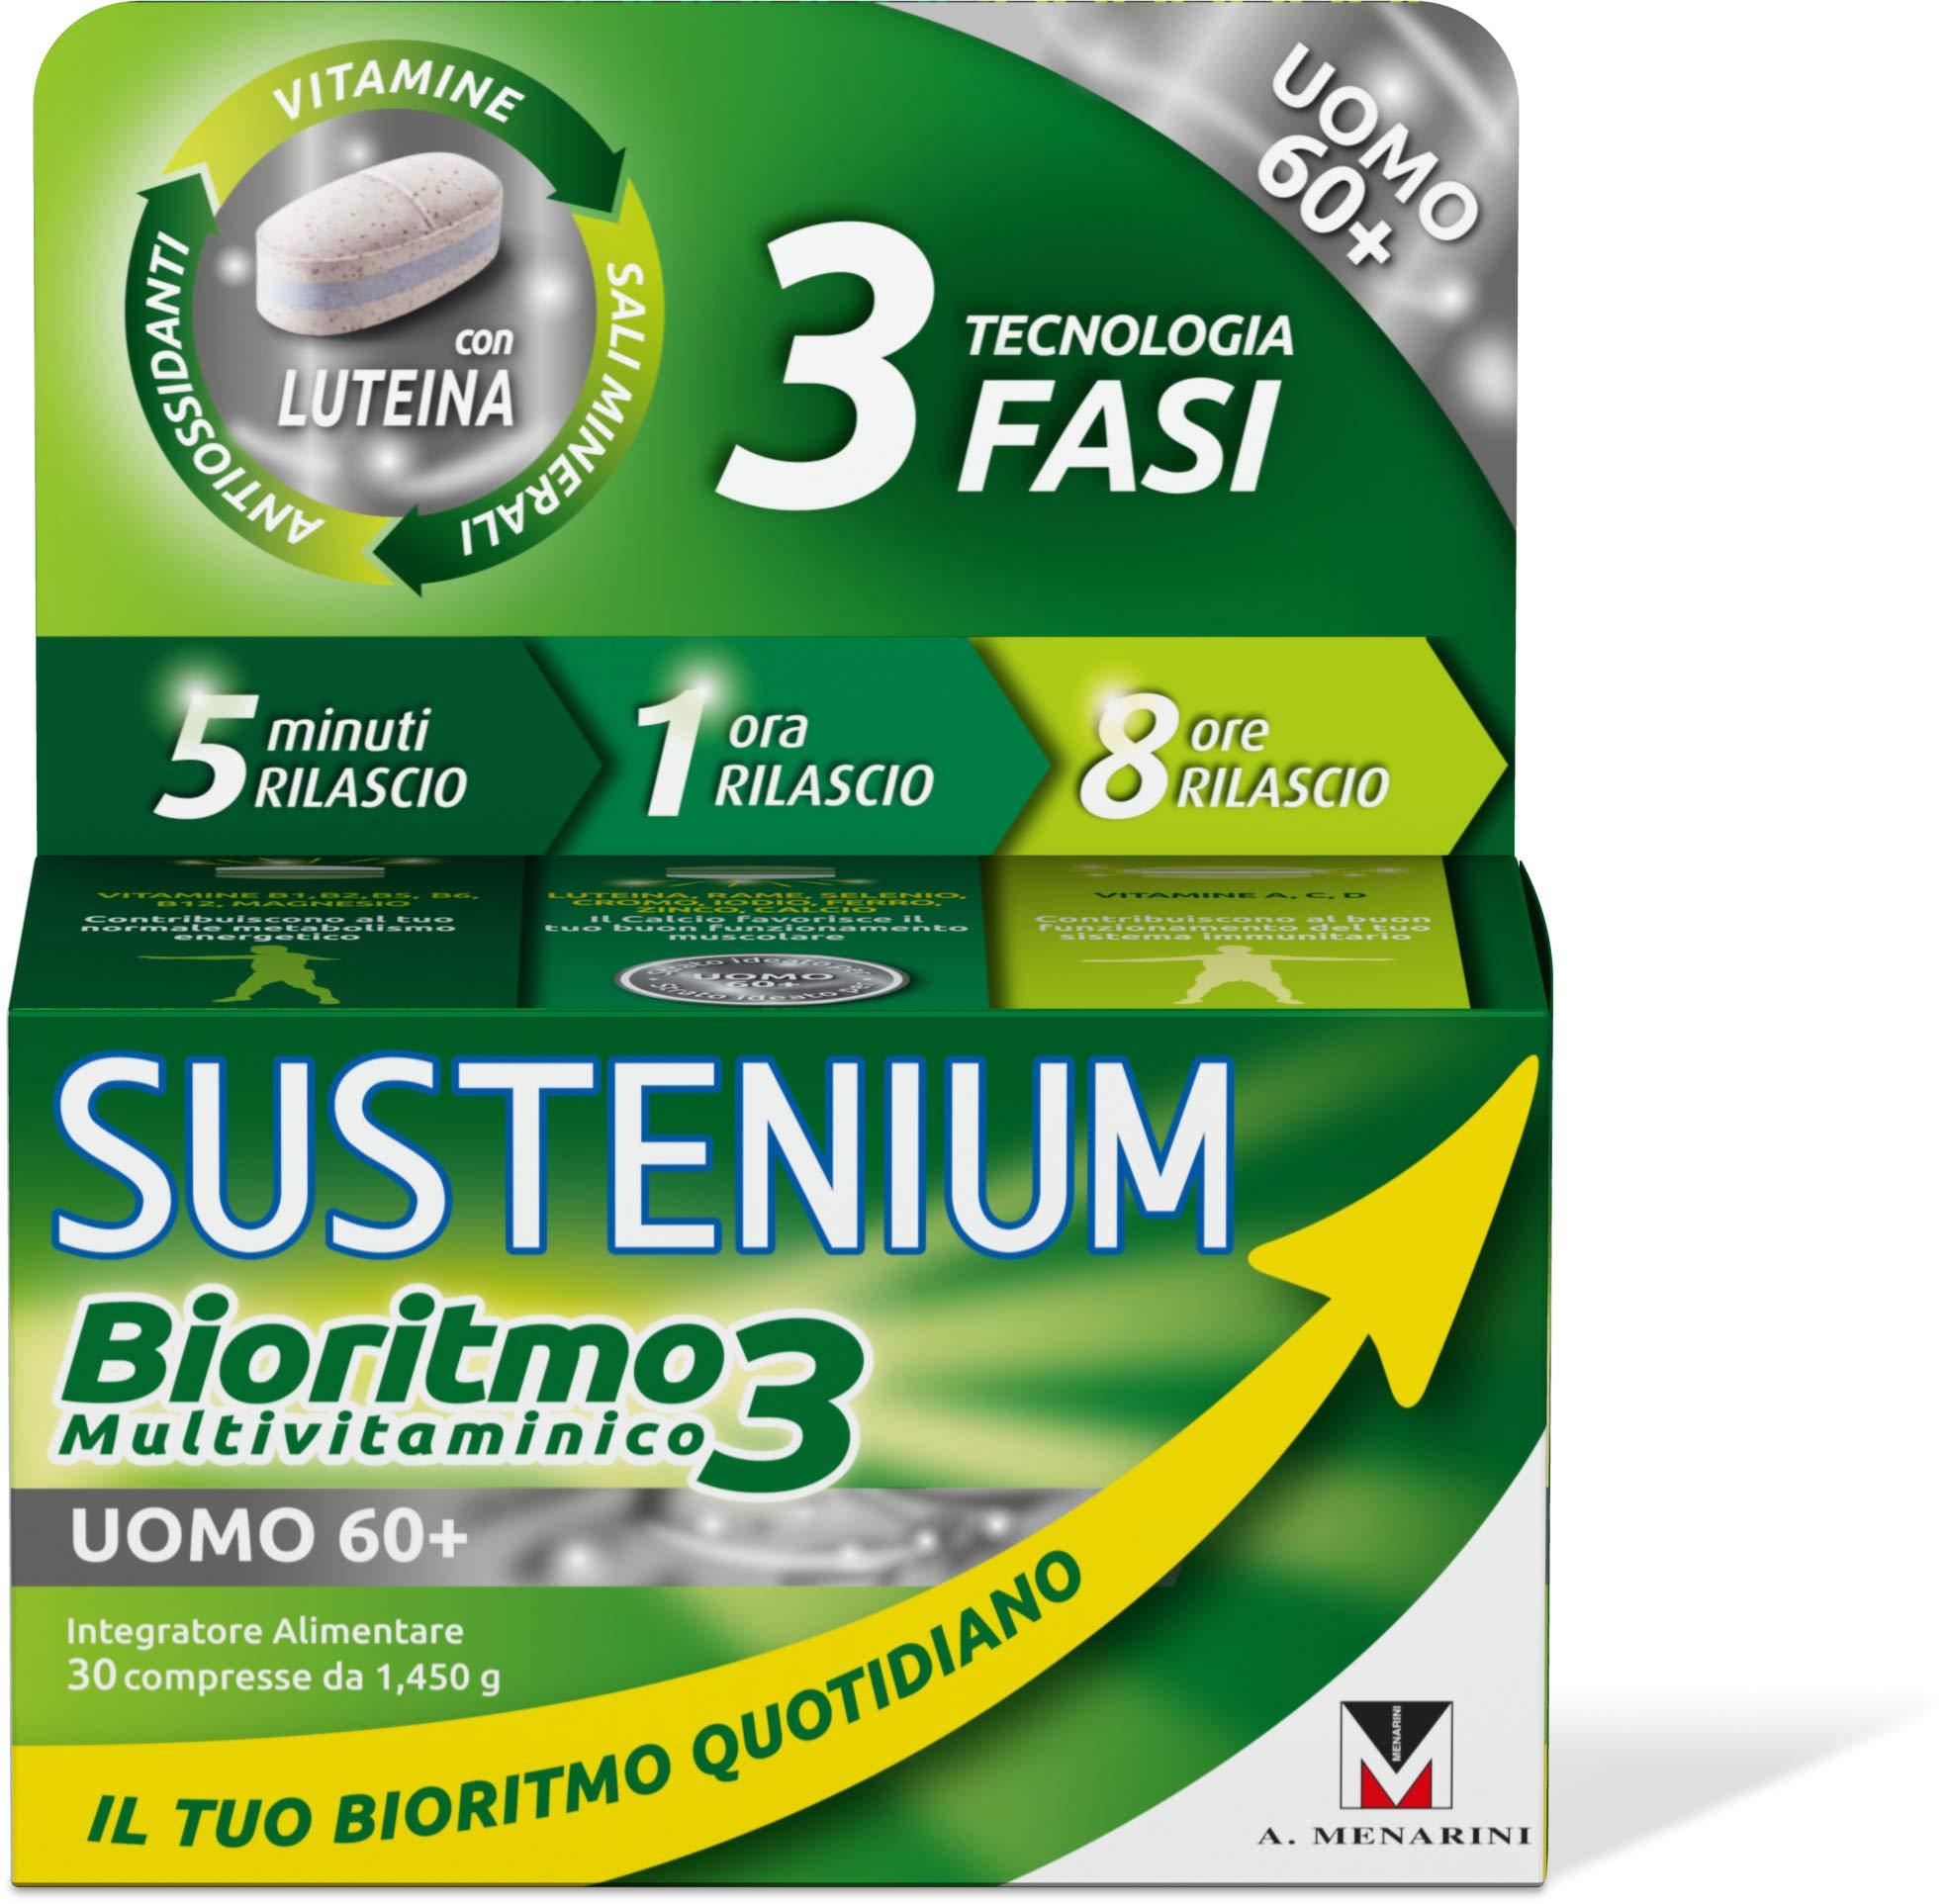 Sustenium Bioritmo3 Uomo 60+ Integratore Multivitaminico, 30 compresse